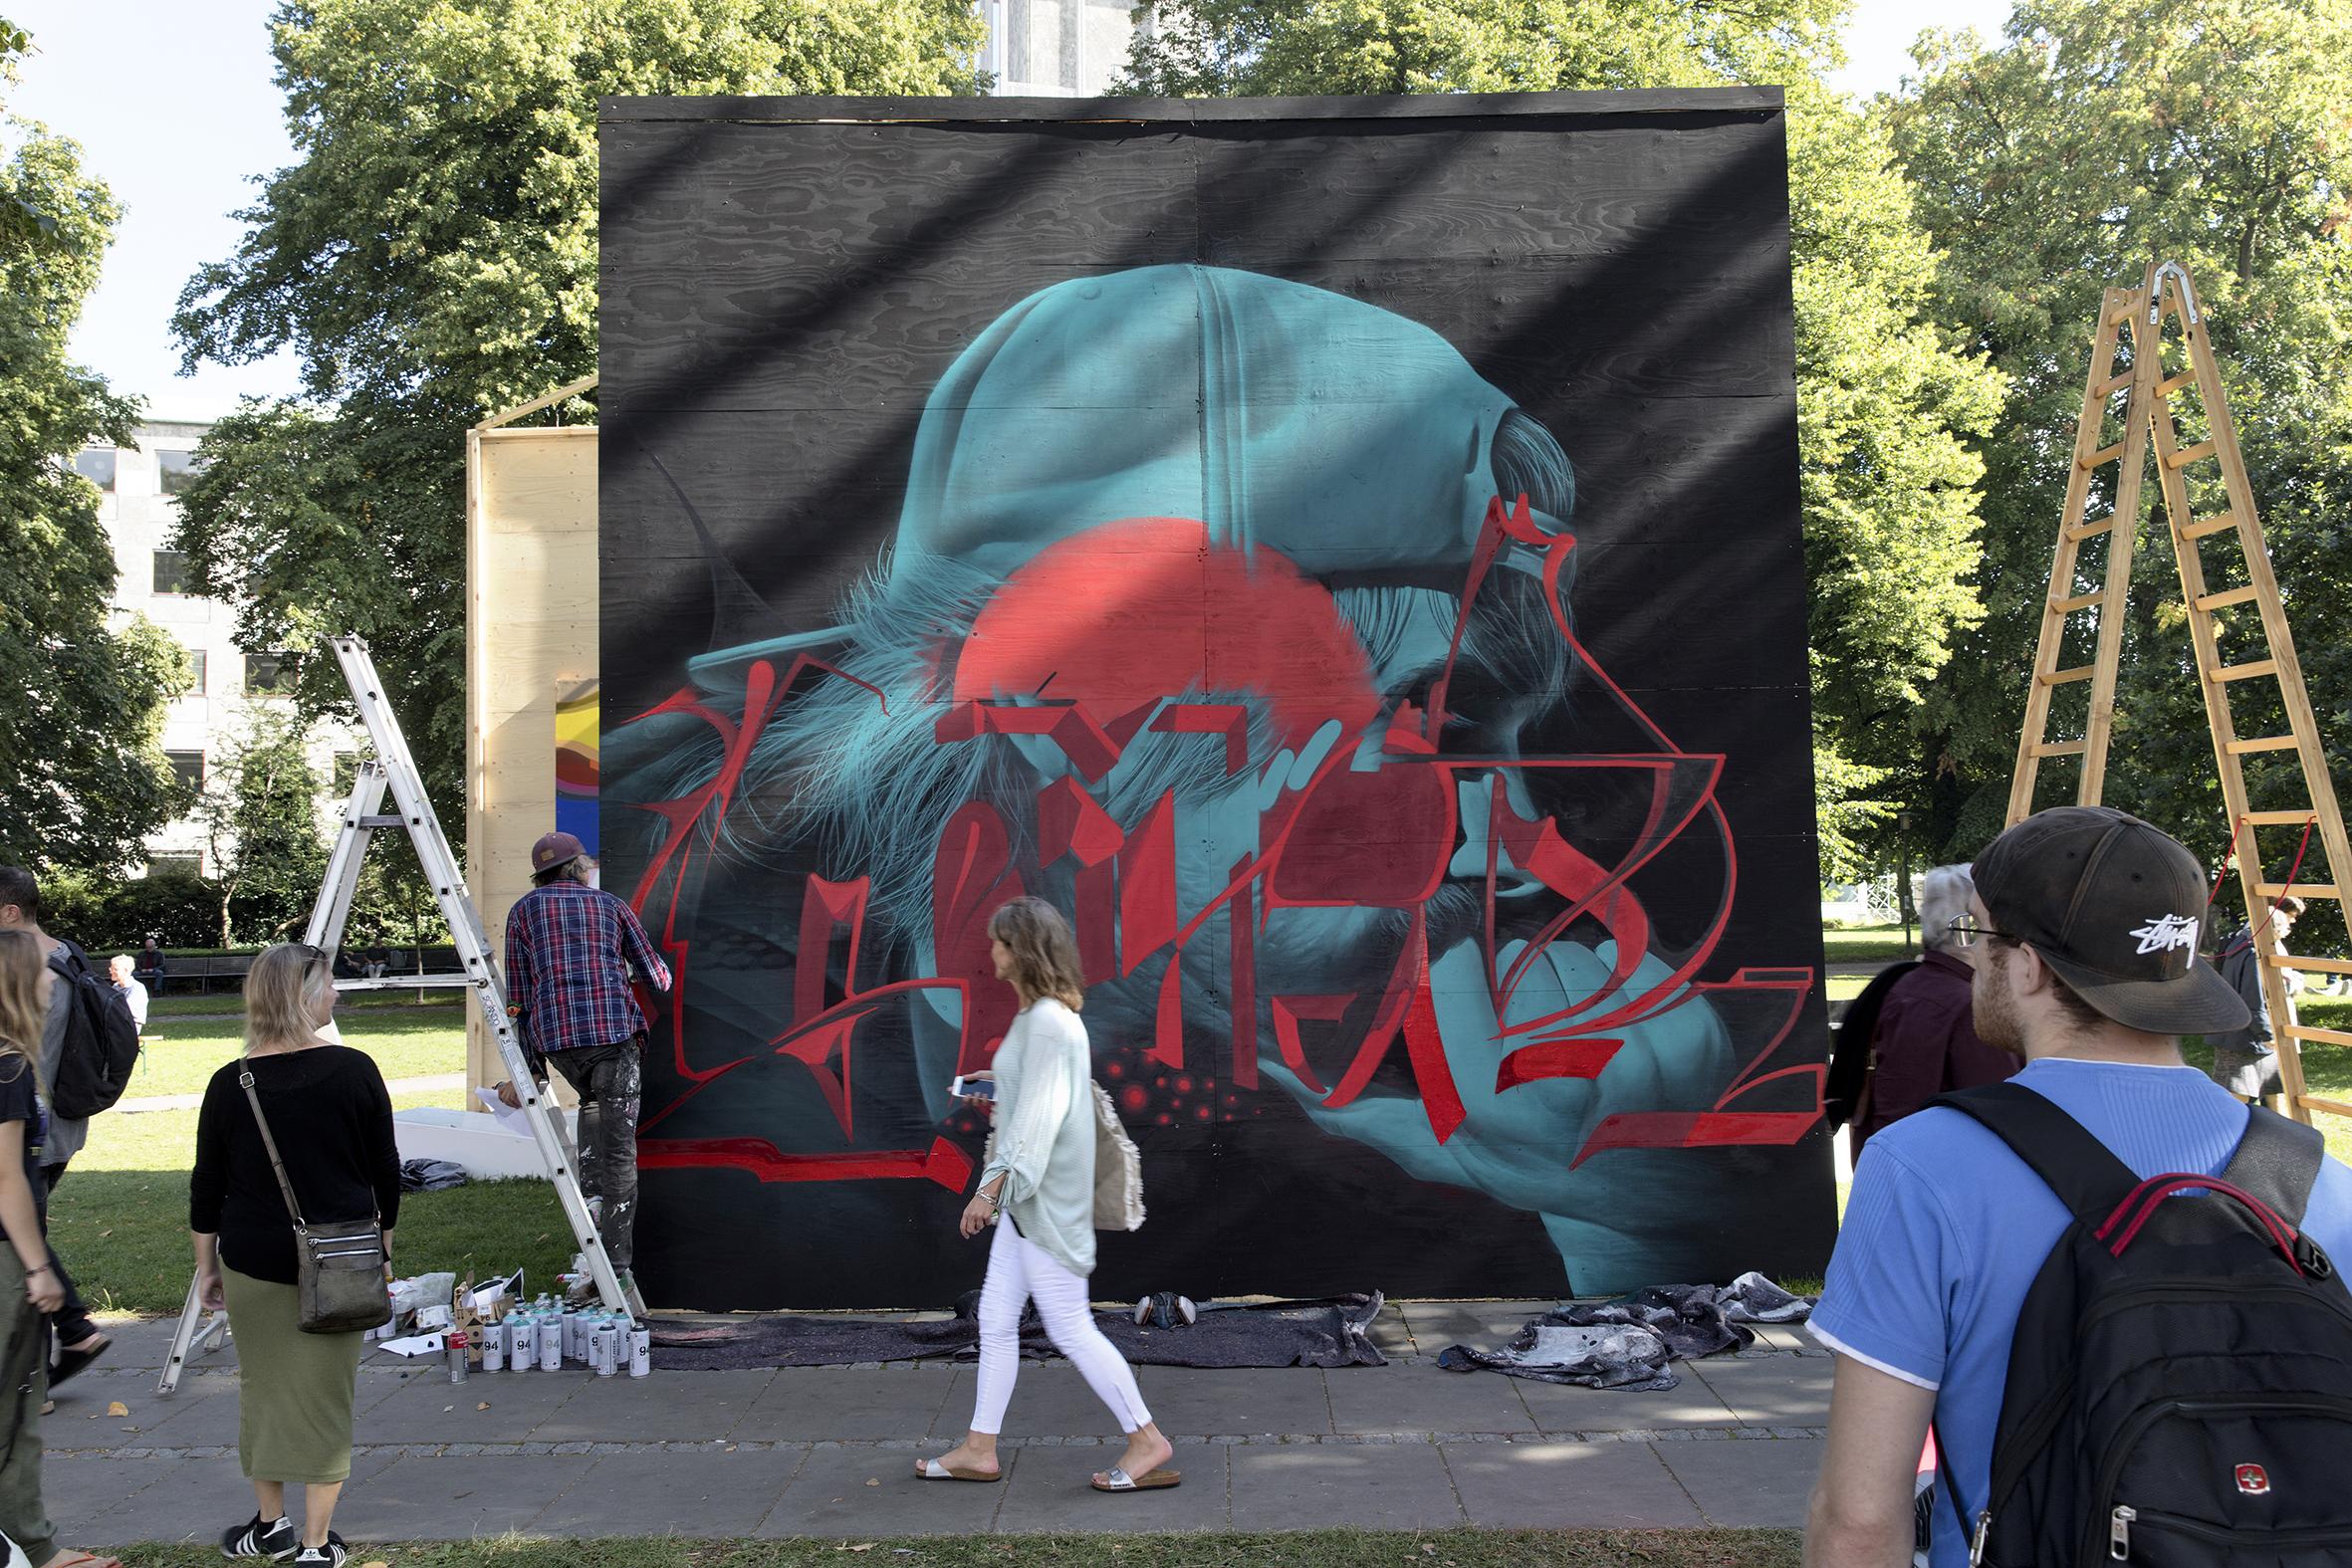 Byparken_DK_5428_FotoMartinDamKristensen1.jpg